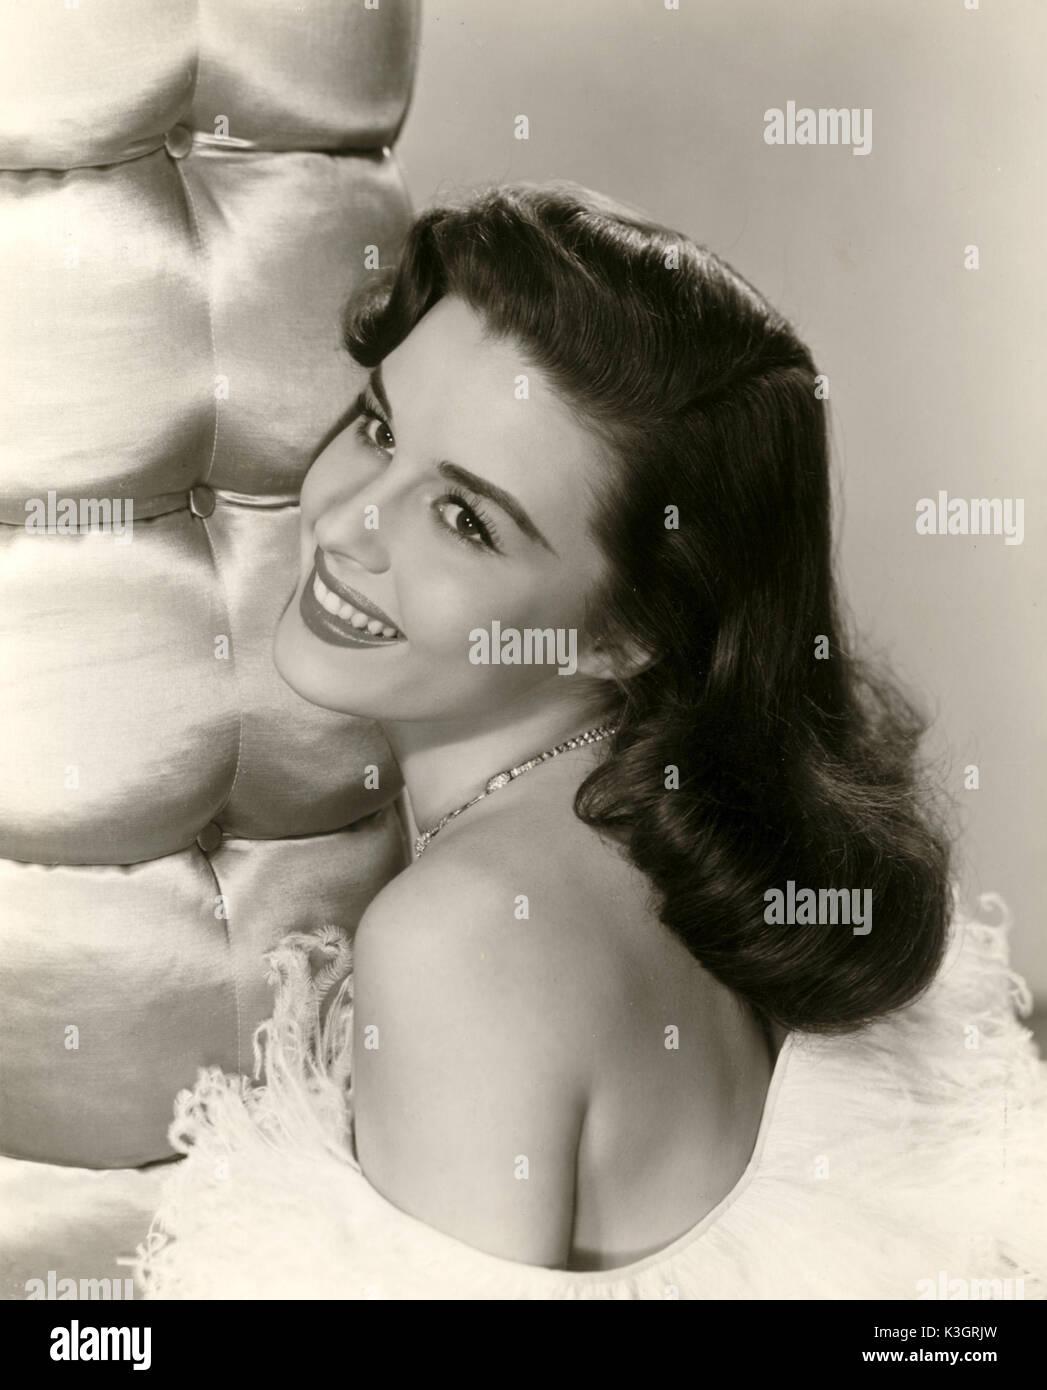 Melanie Iglesias picture